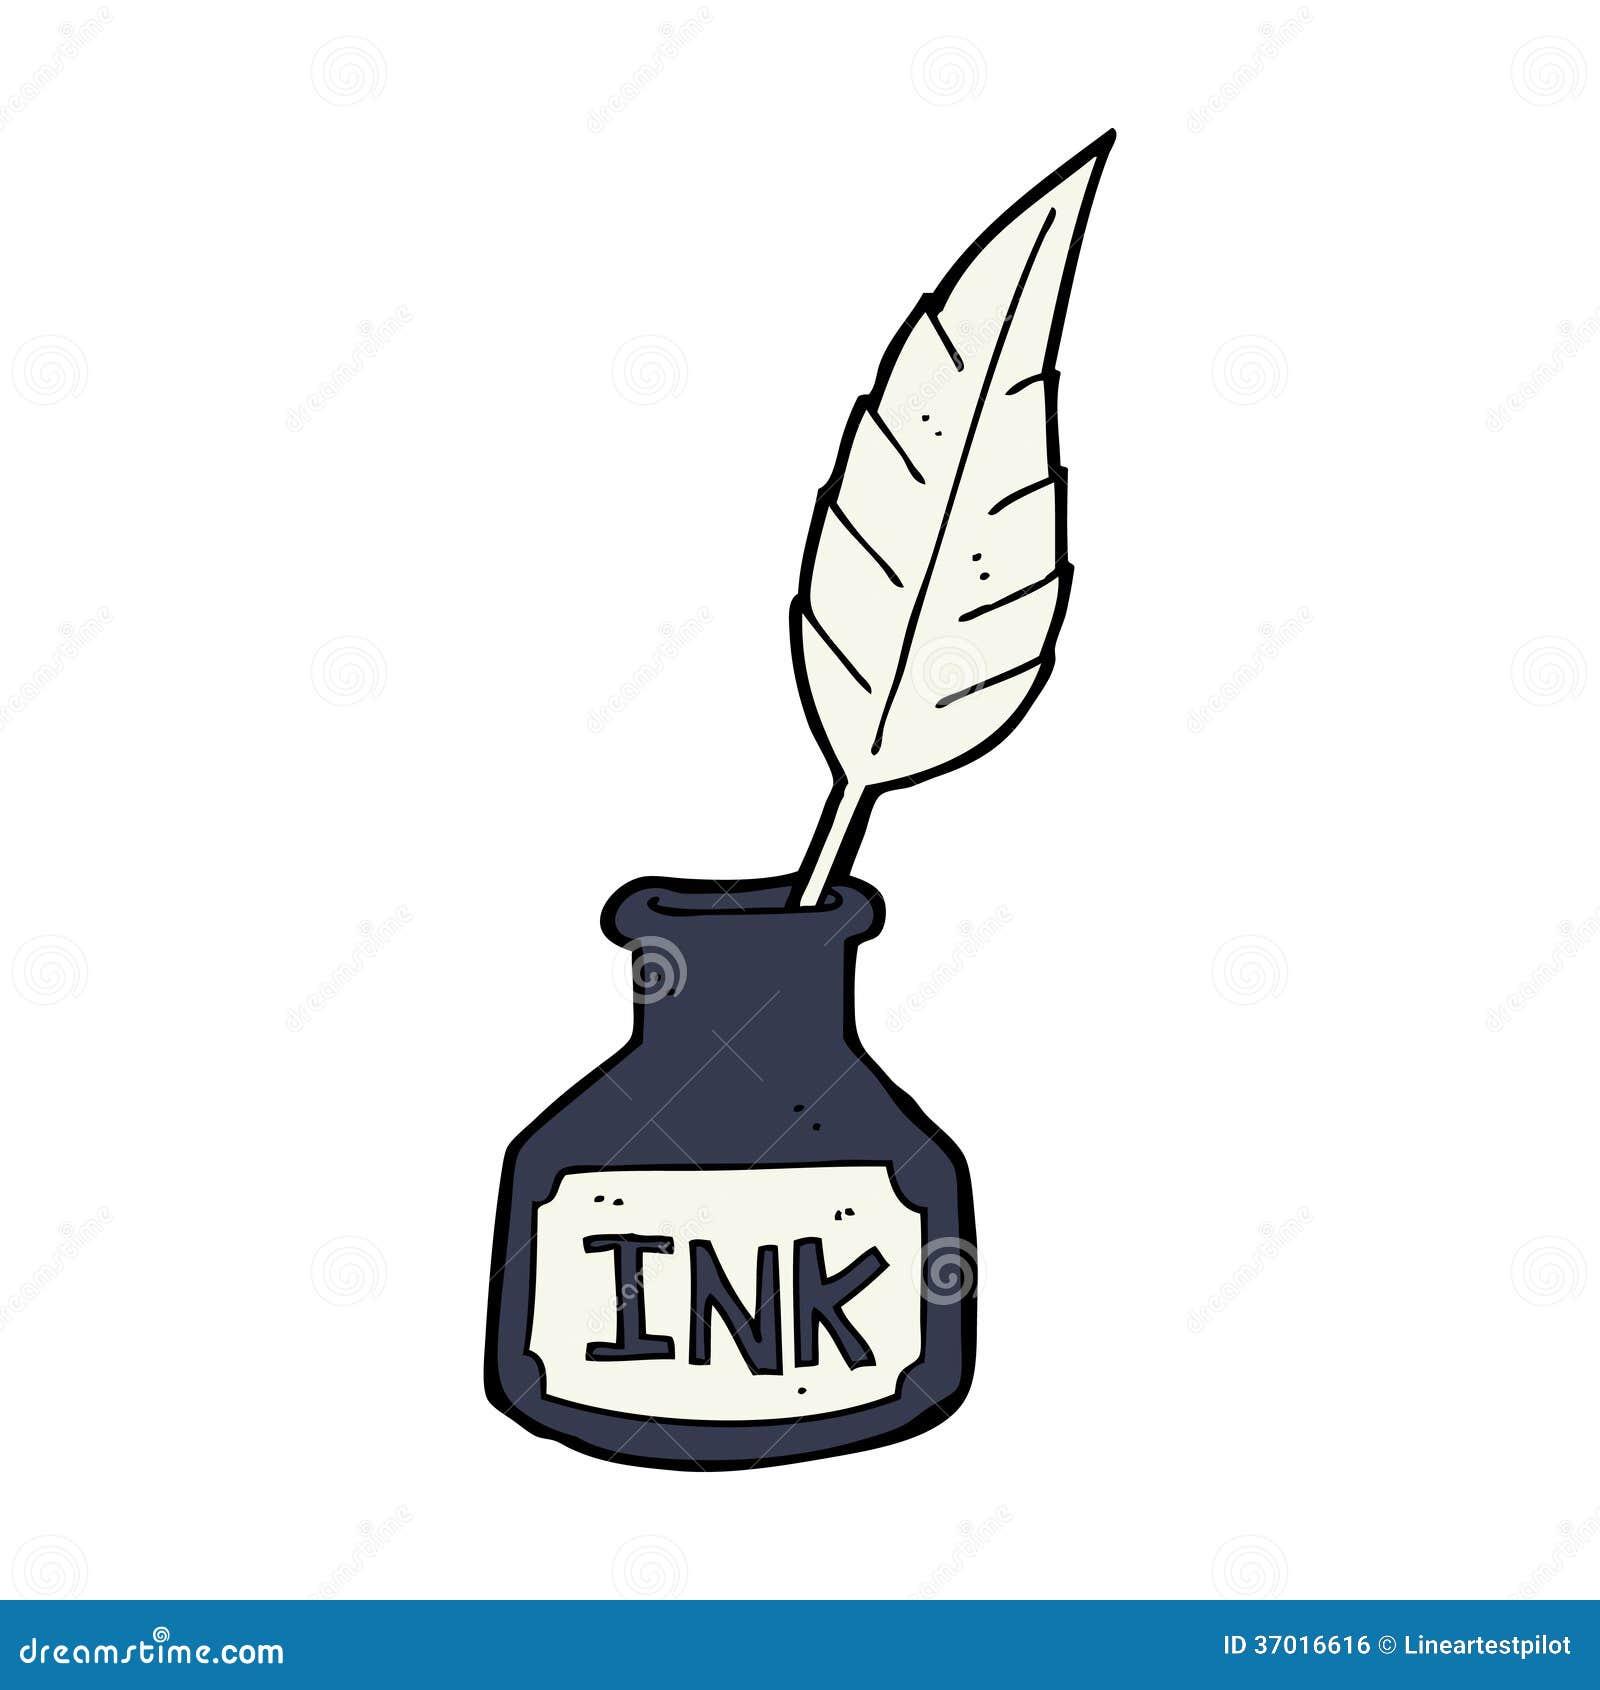 Cartoon Ink Bottle Royalty Free Stock Image - Image: 37016616